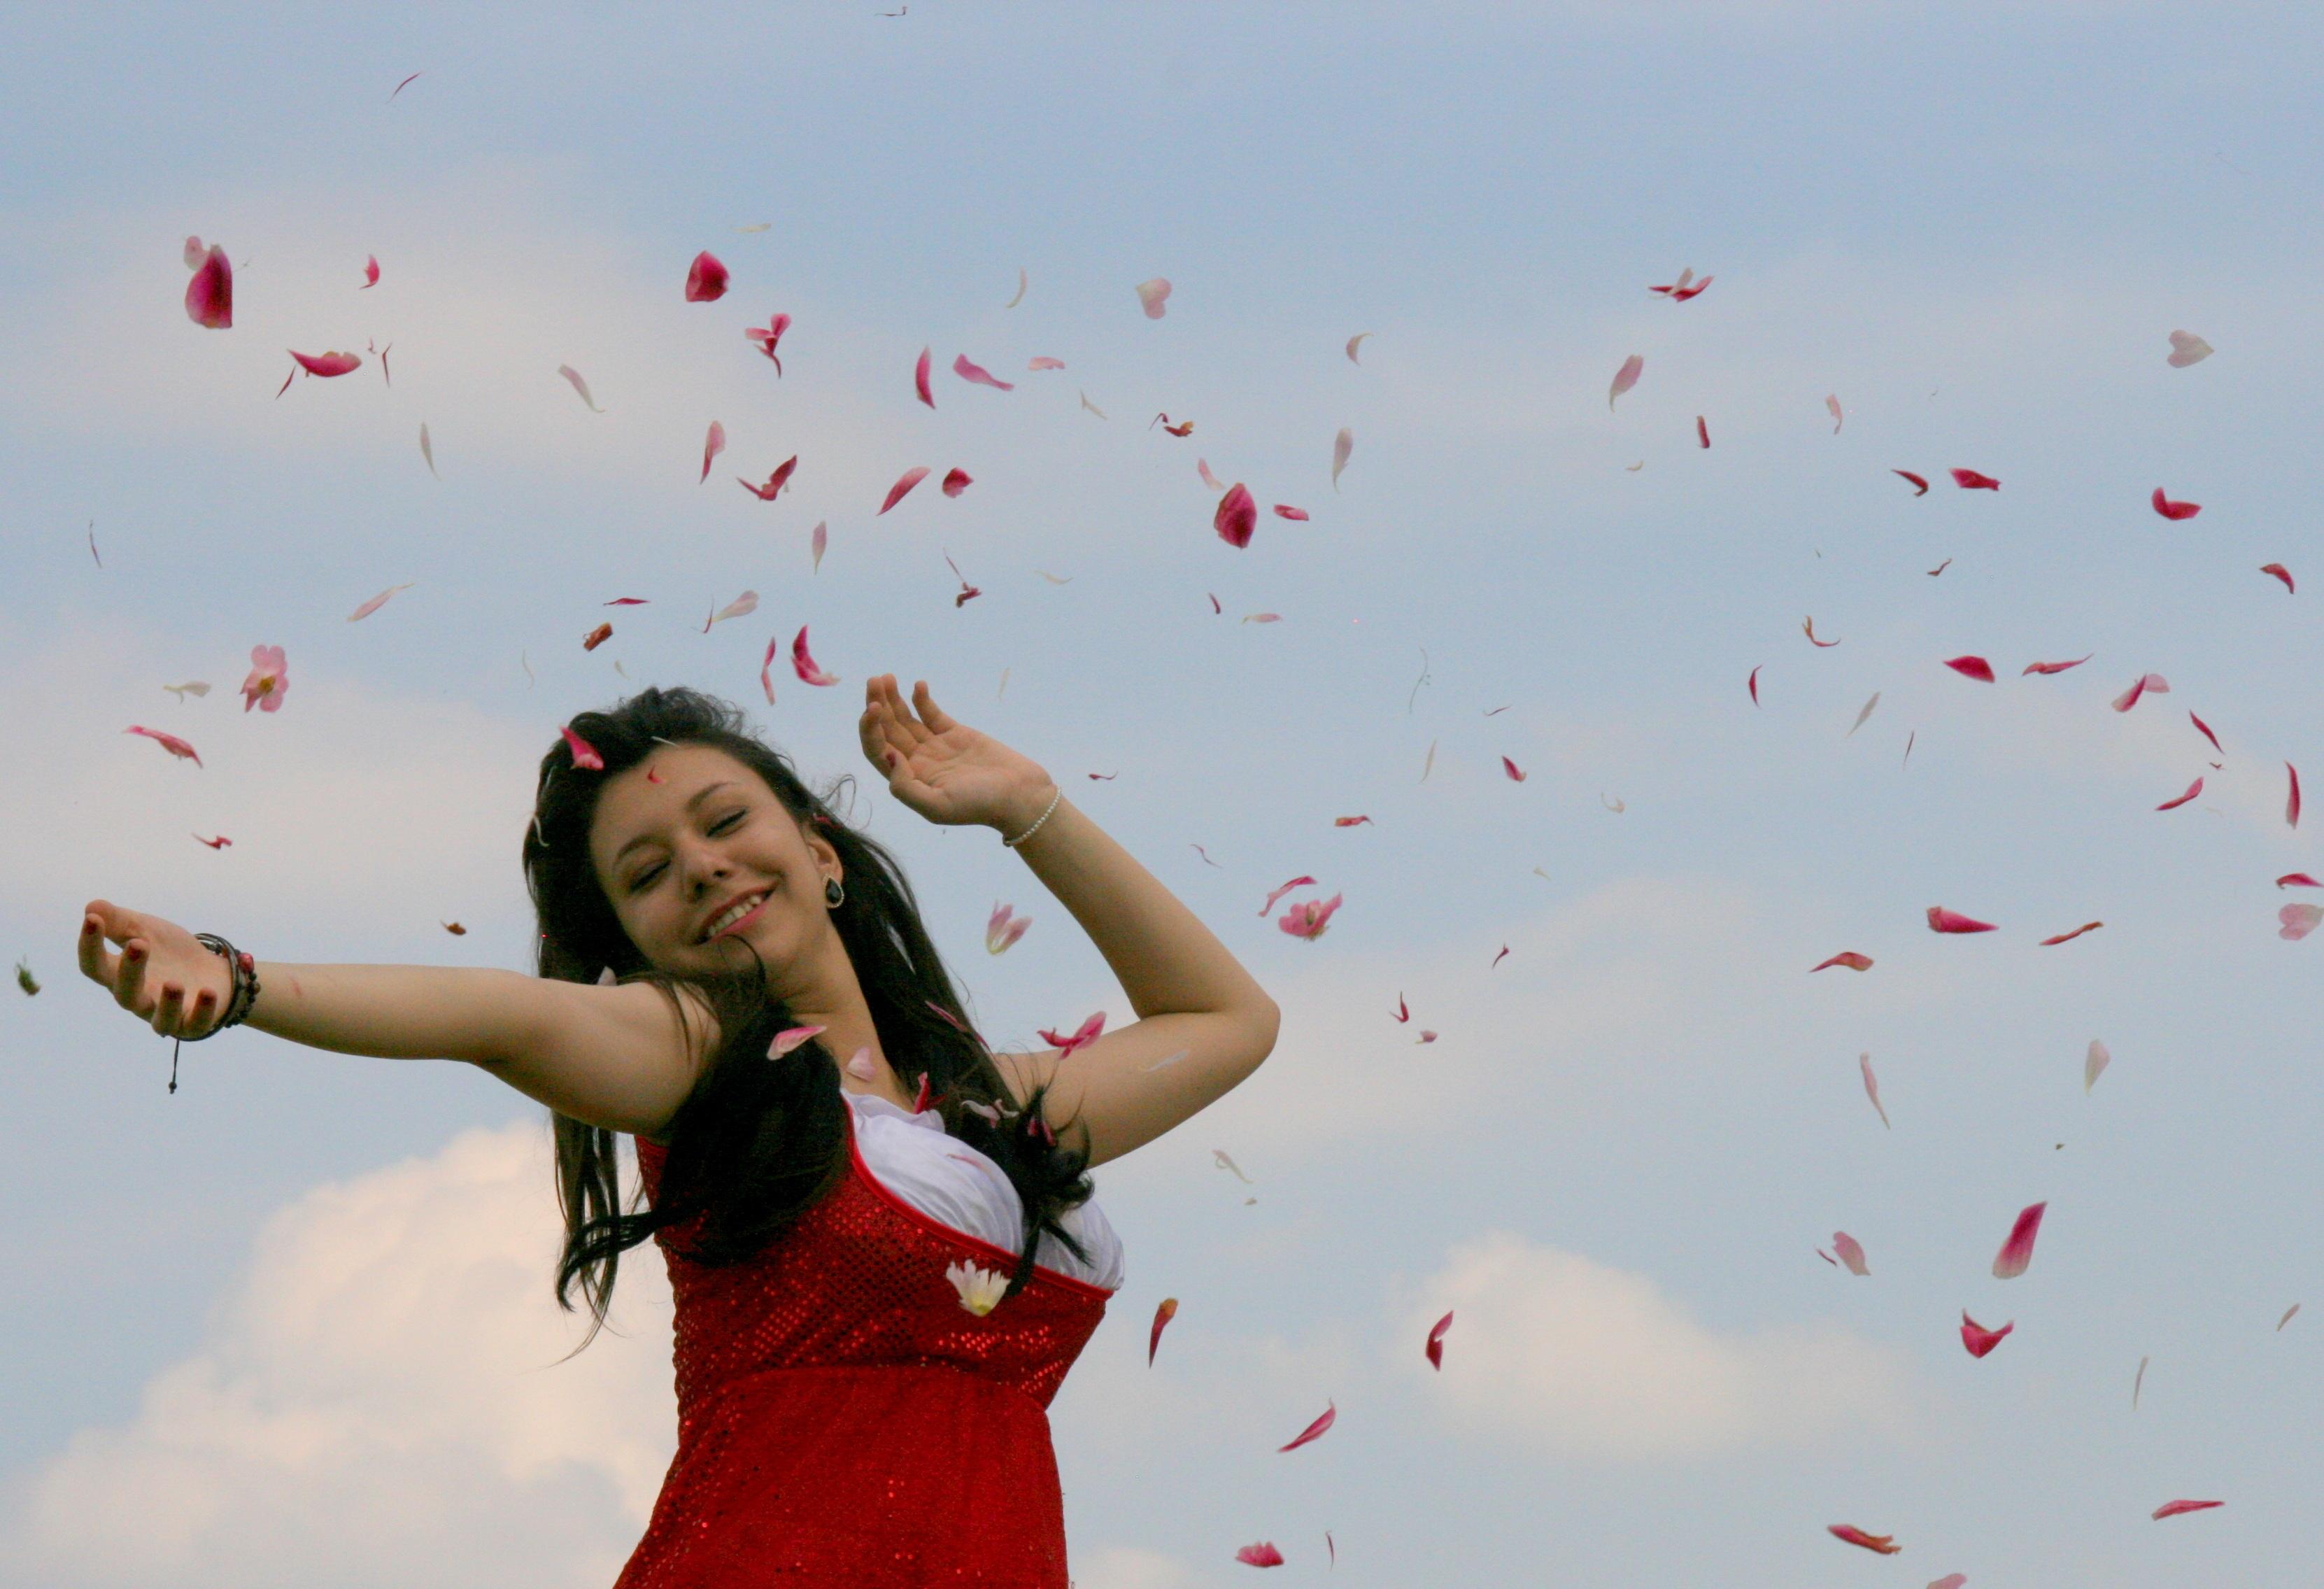 Картинка на девушку дует ветер